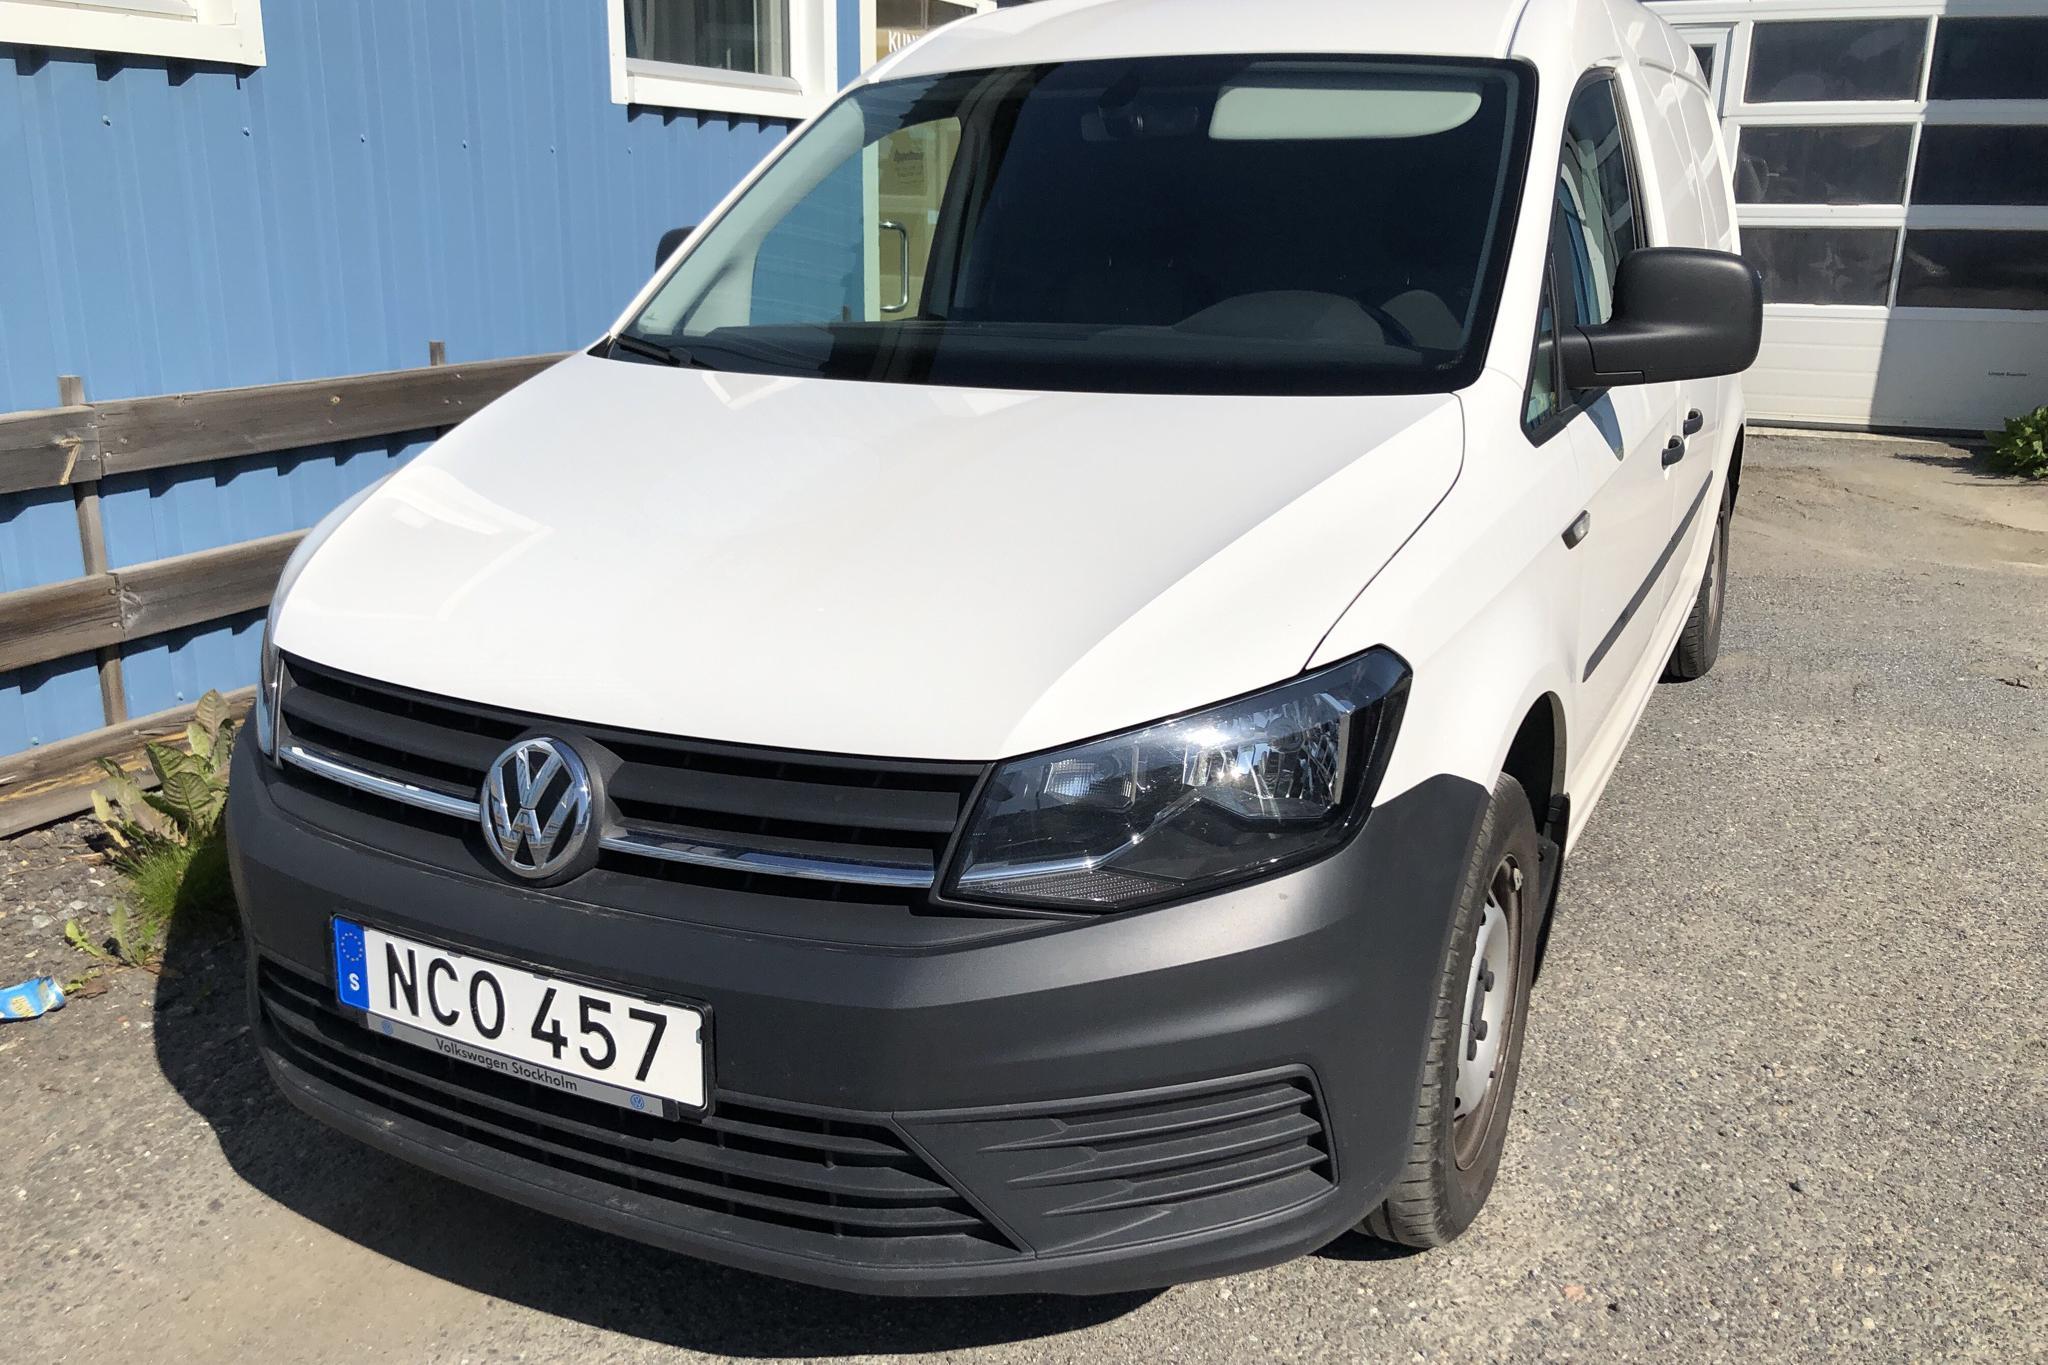 VW Caddy 2.0 TDI Maxi Skåp (102hk) - 82 610 km - Manual - white - 2016